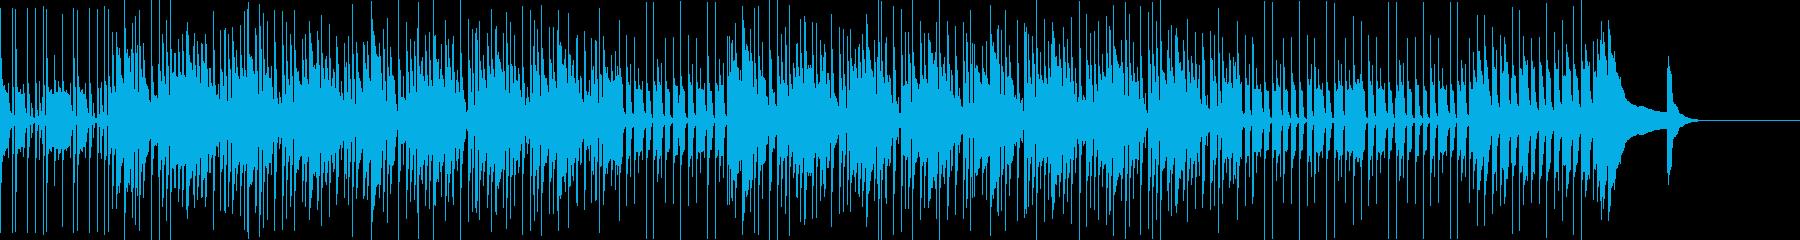 ほのぼのとした日常シーンにの再生済みの波形